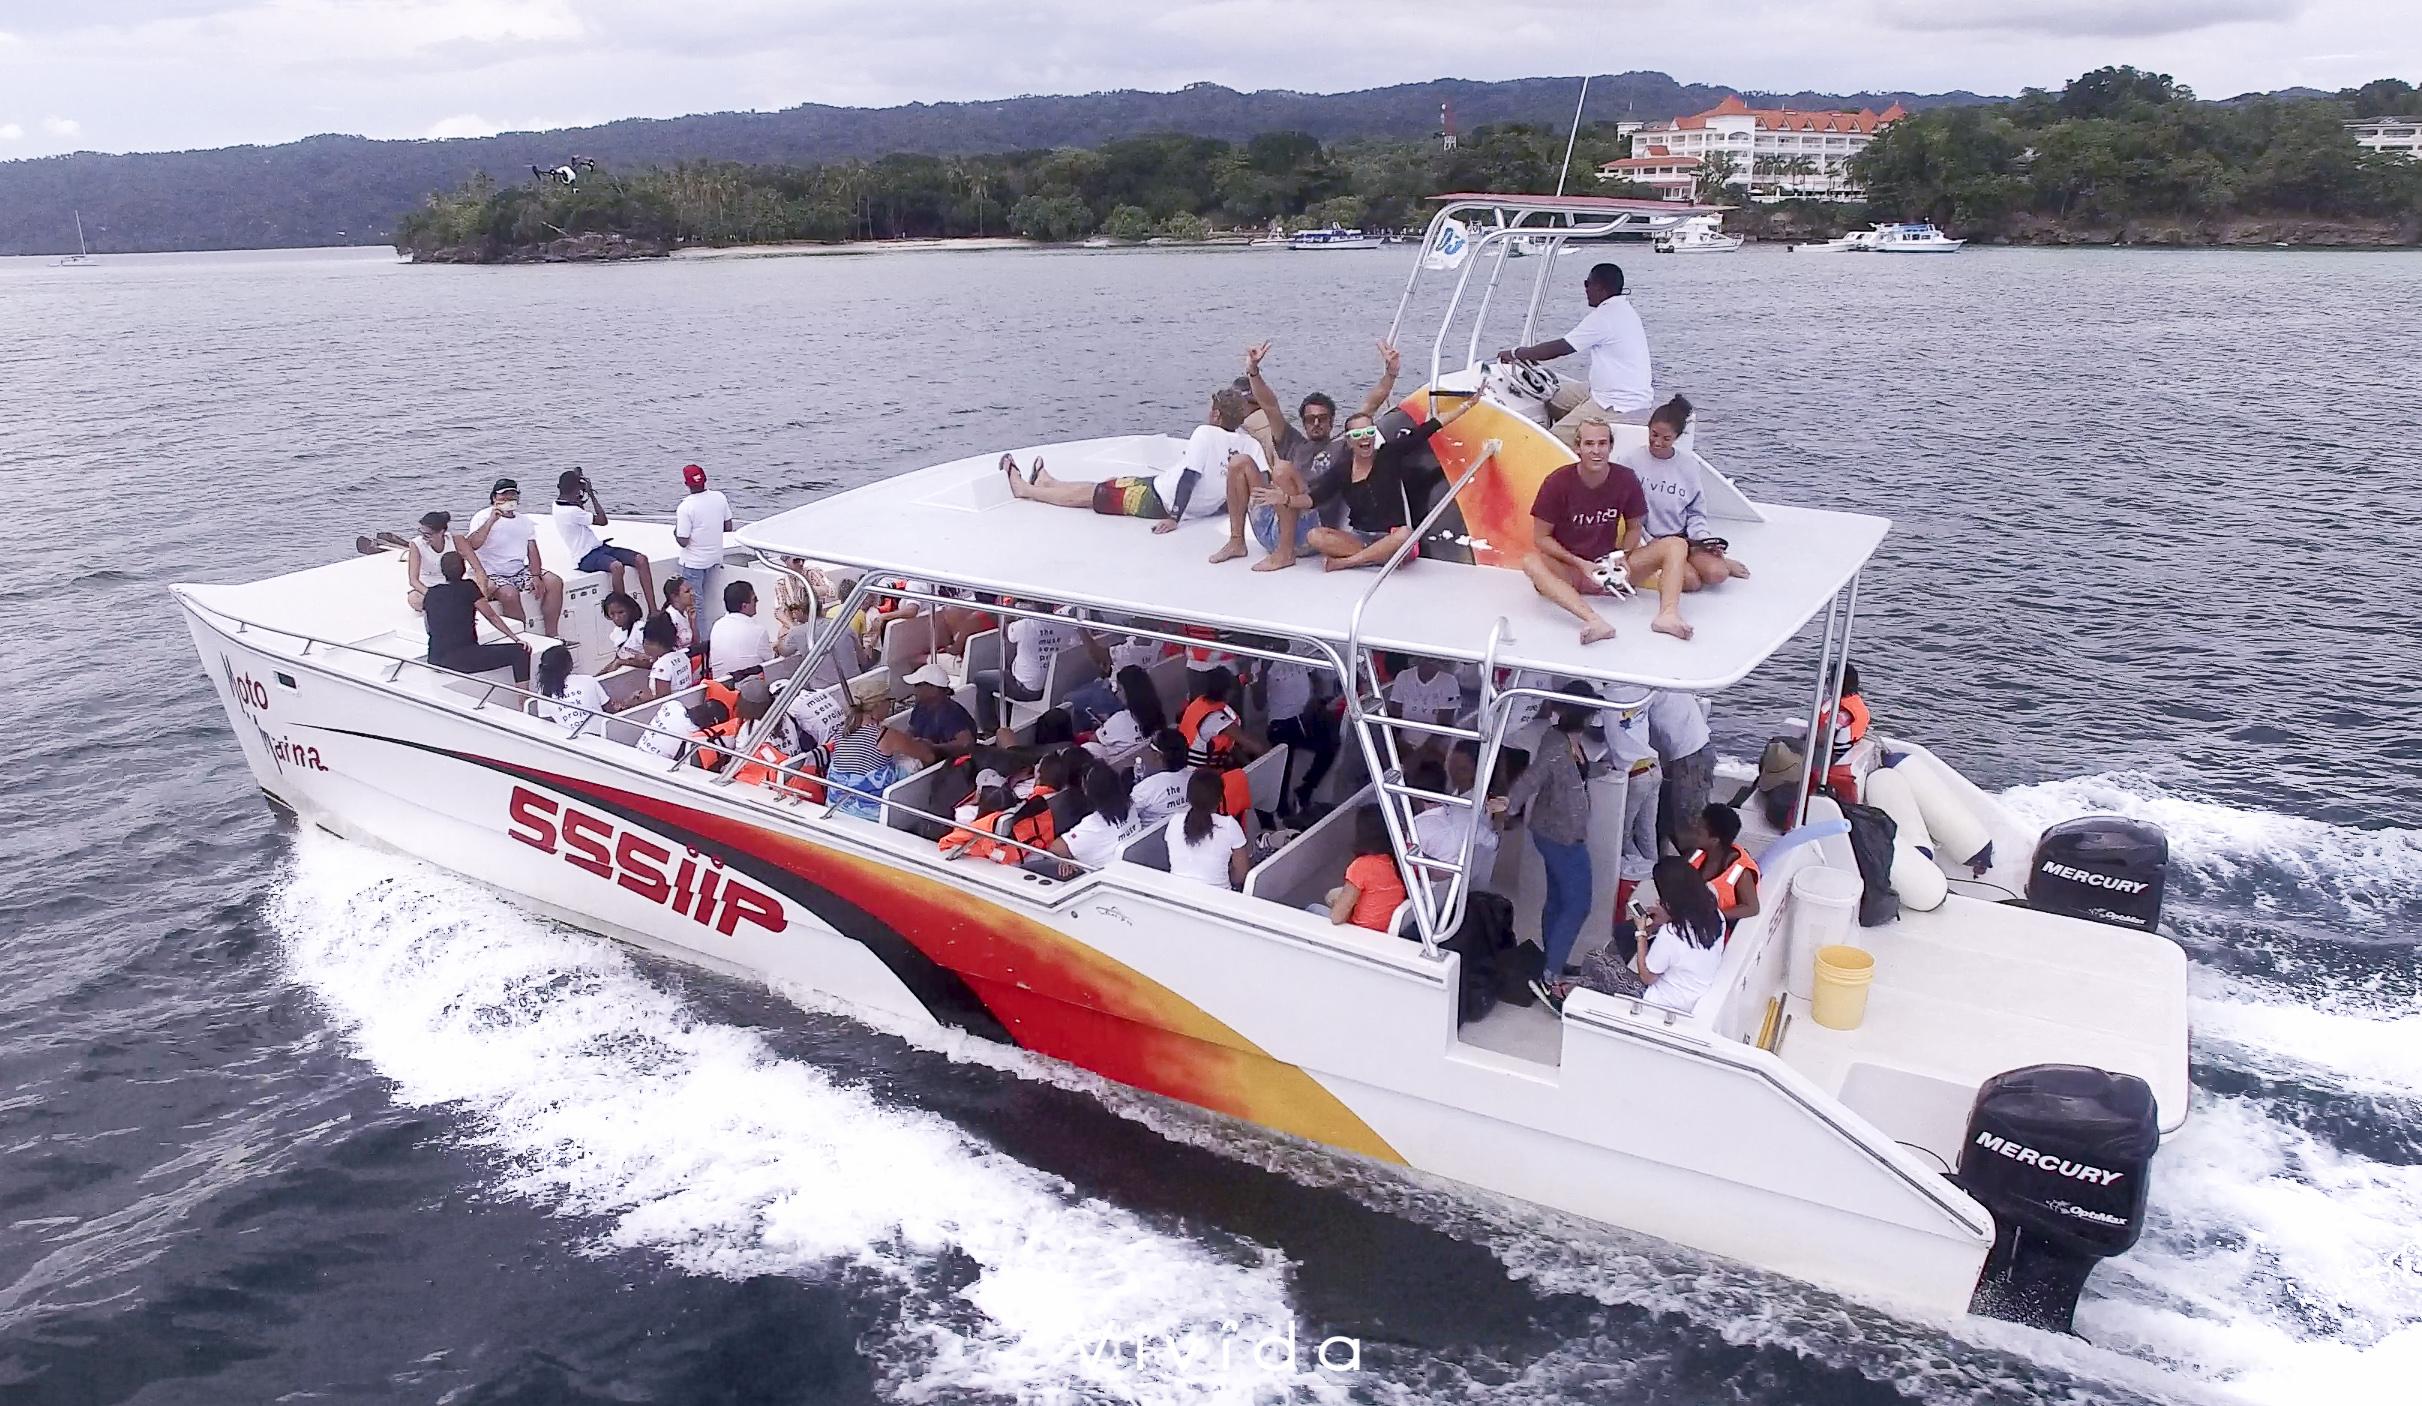 Boat_FrancaSusiJohnny.jpg